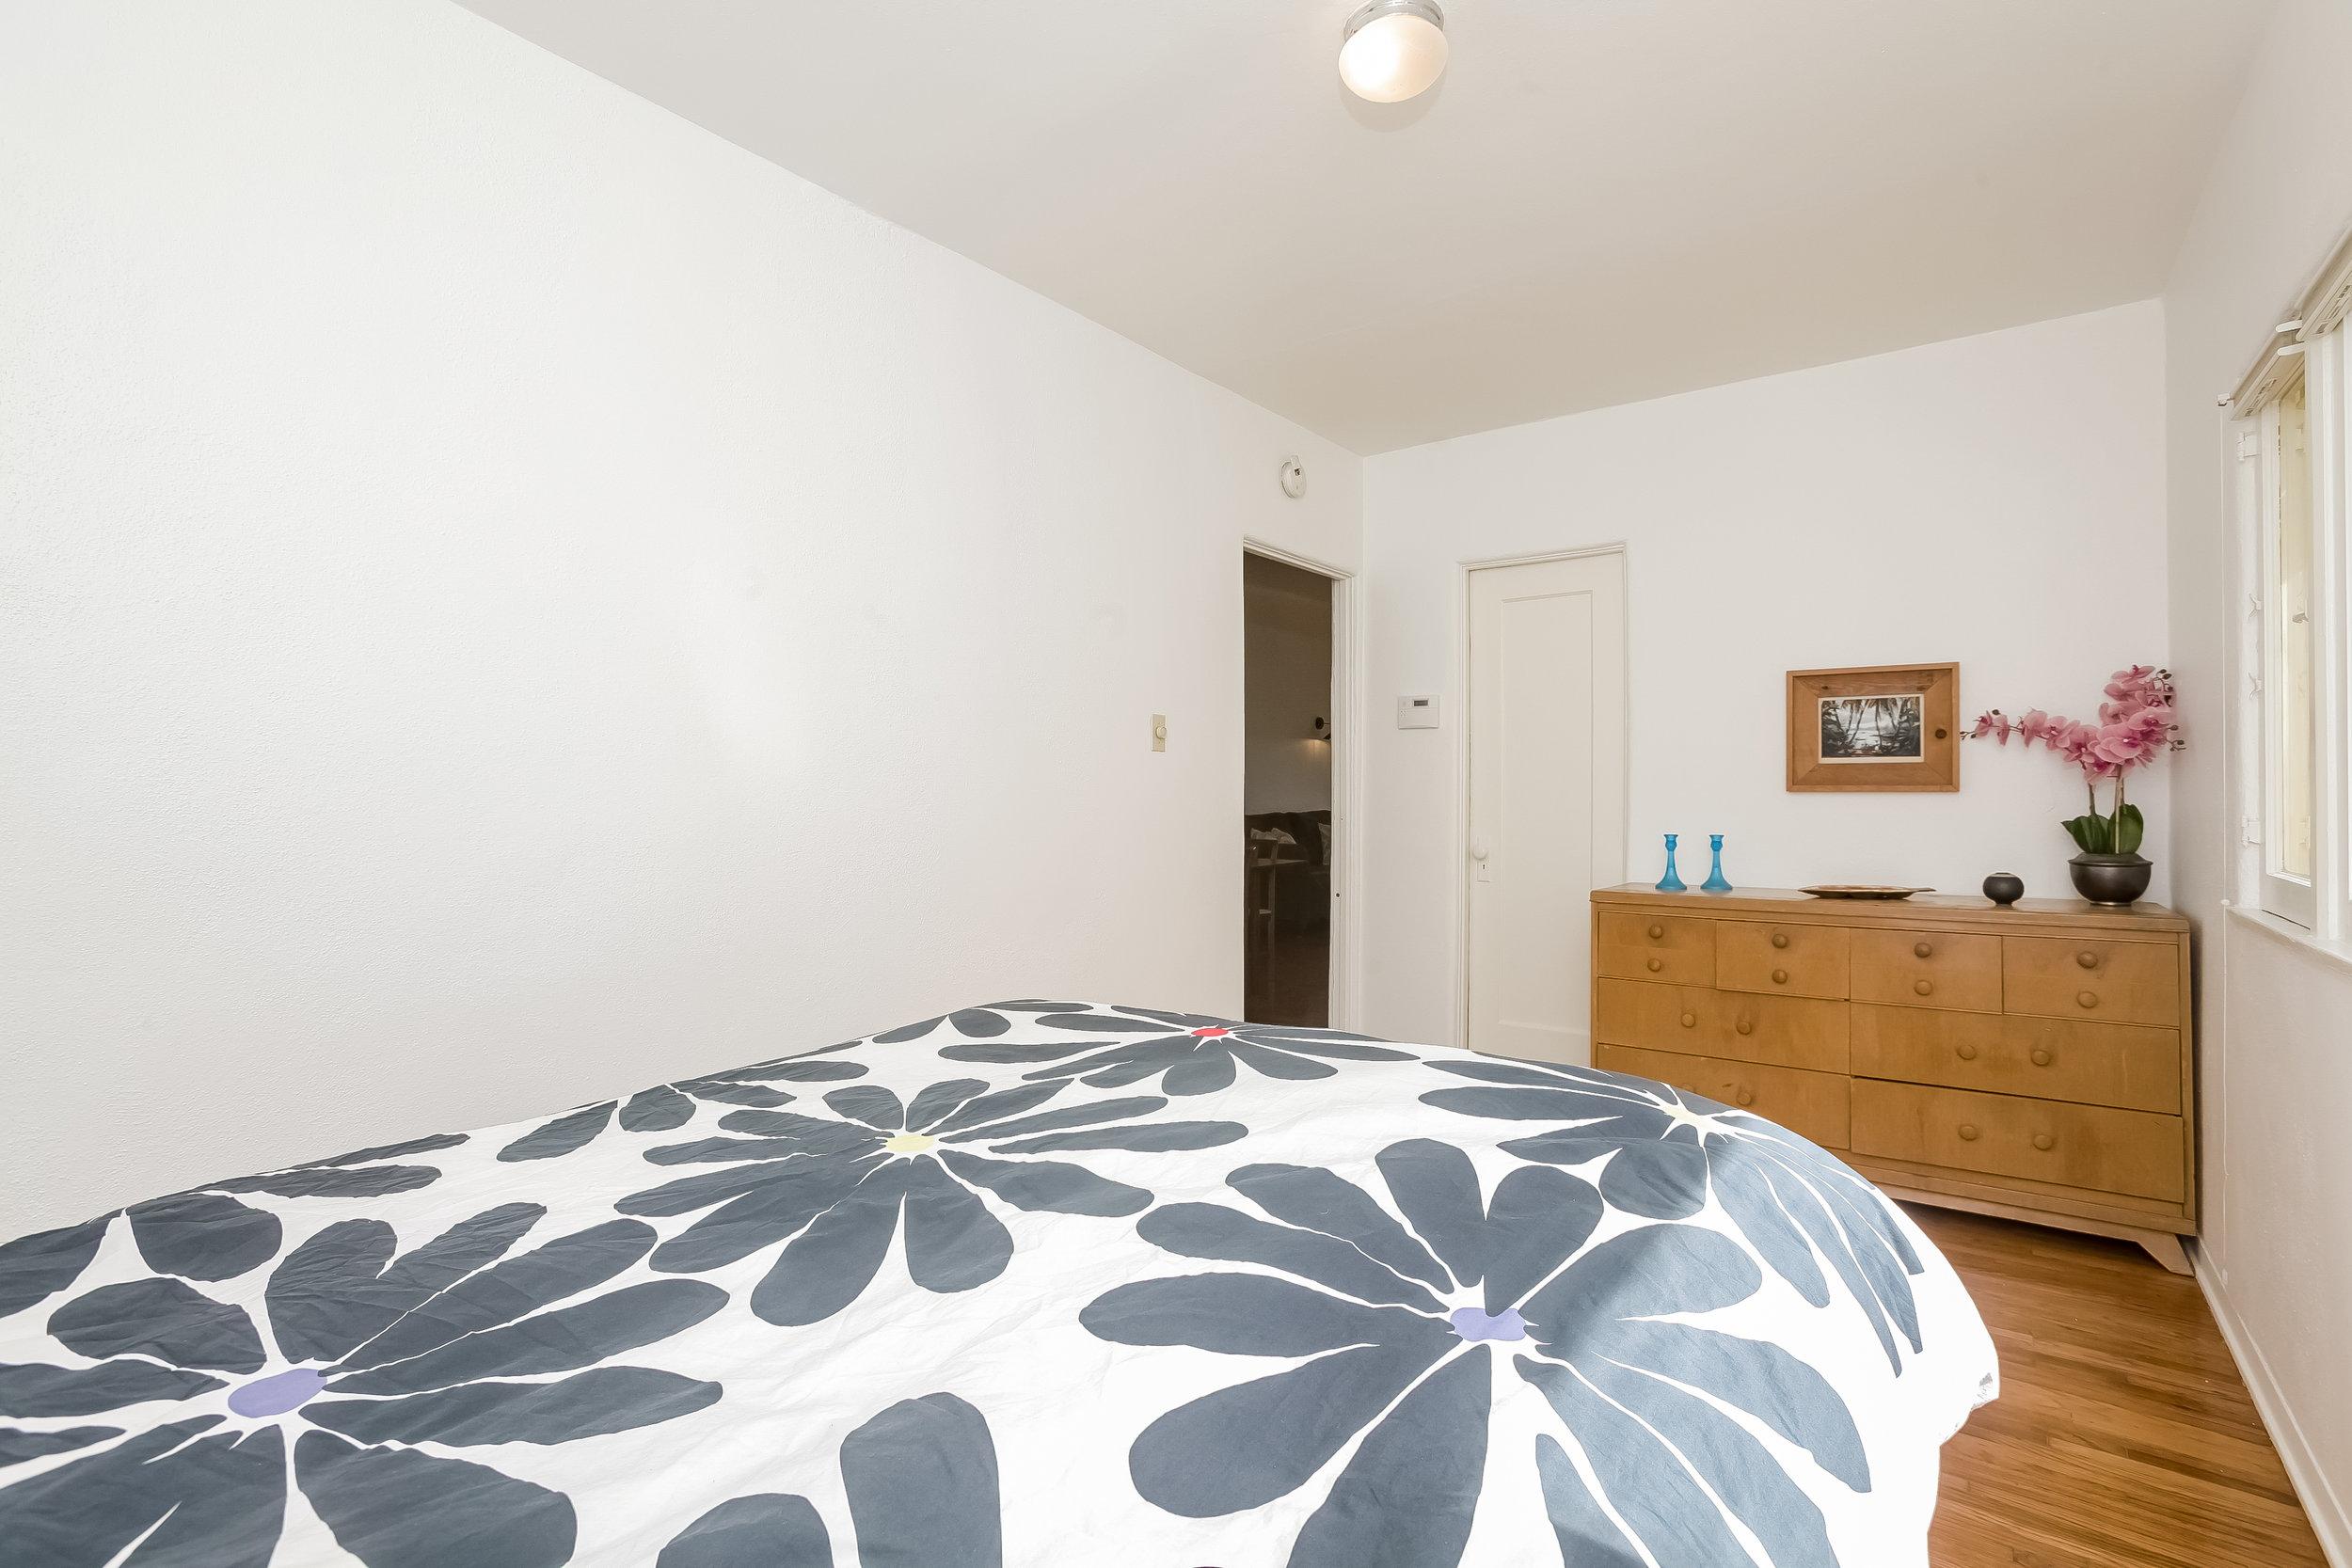 014-Bedroom-4517255-large.jpg